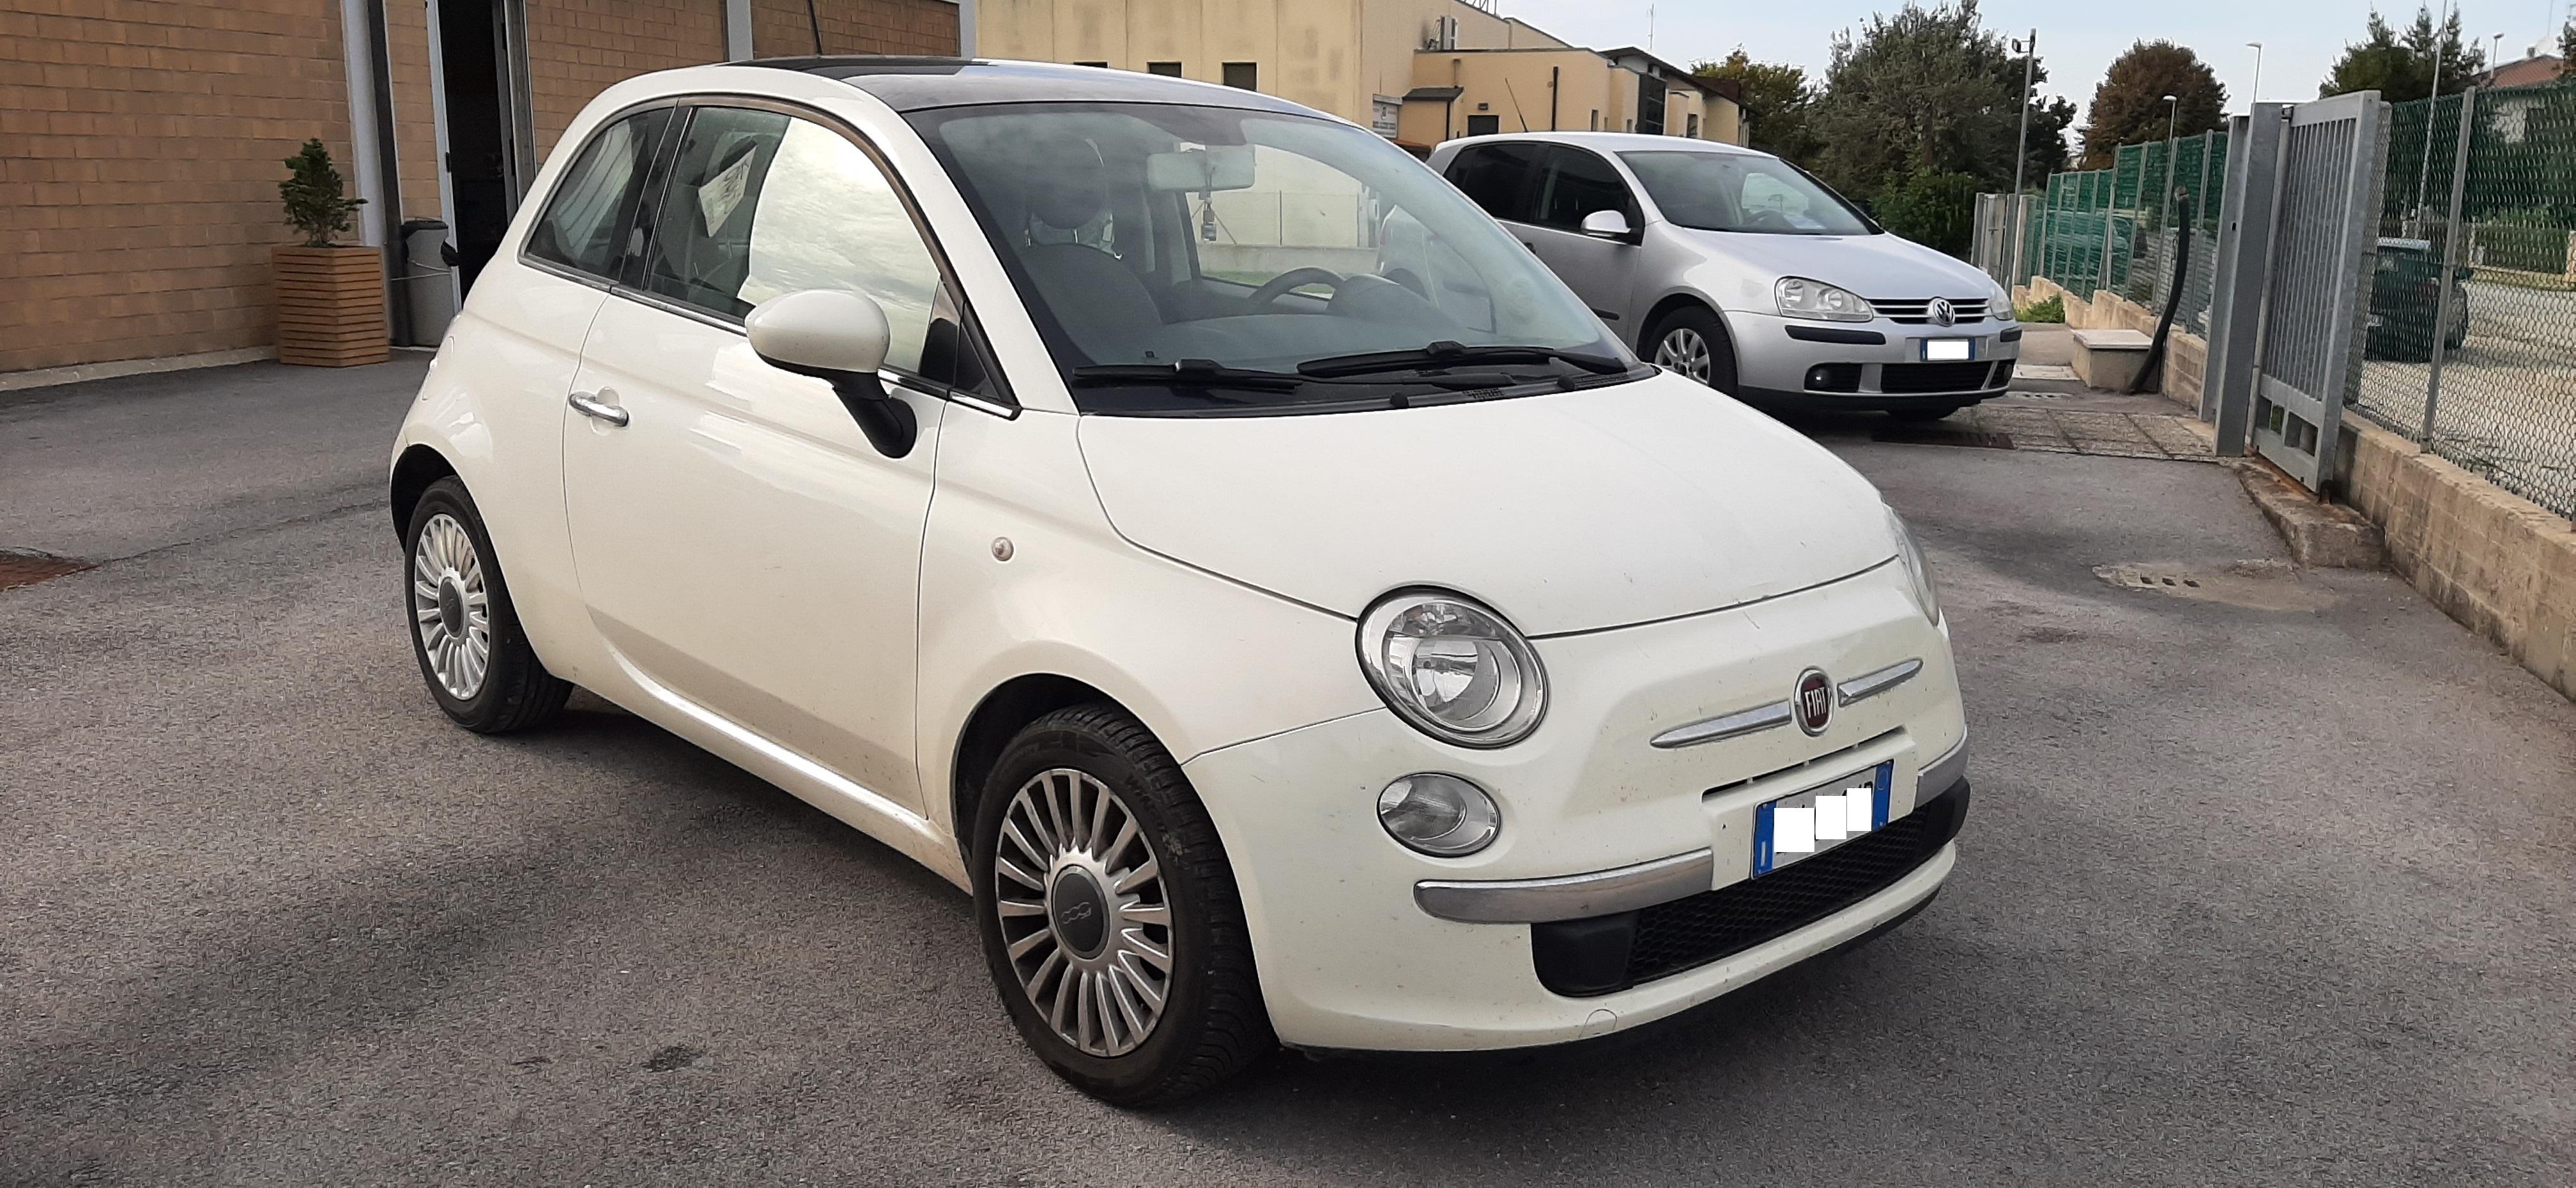 Fiat 500 1.3 mjt 16v Lounge 95cv (LEGGI ANNUNCIO)***VENDUTA***